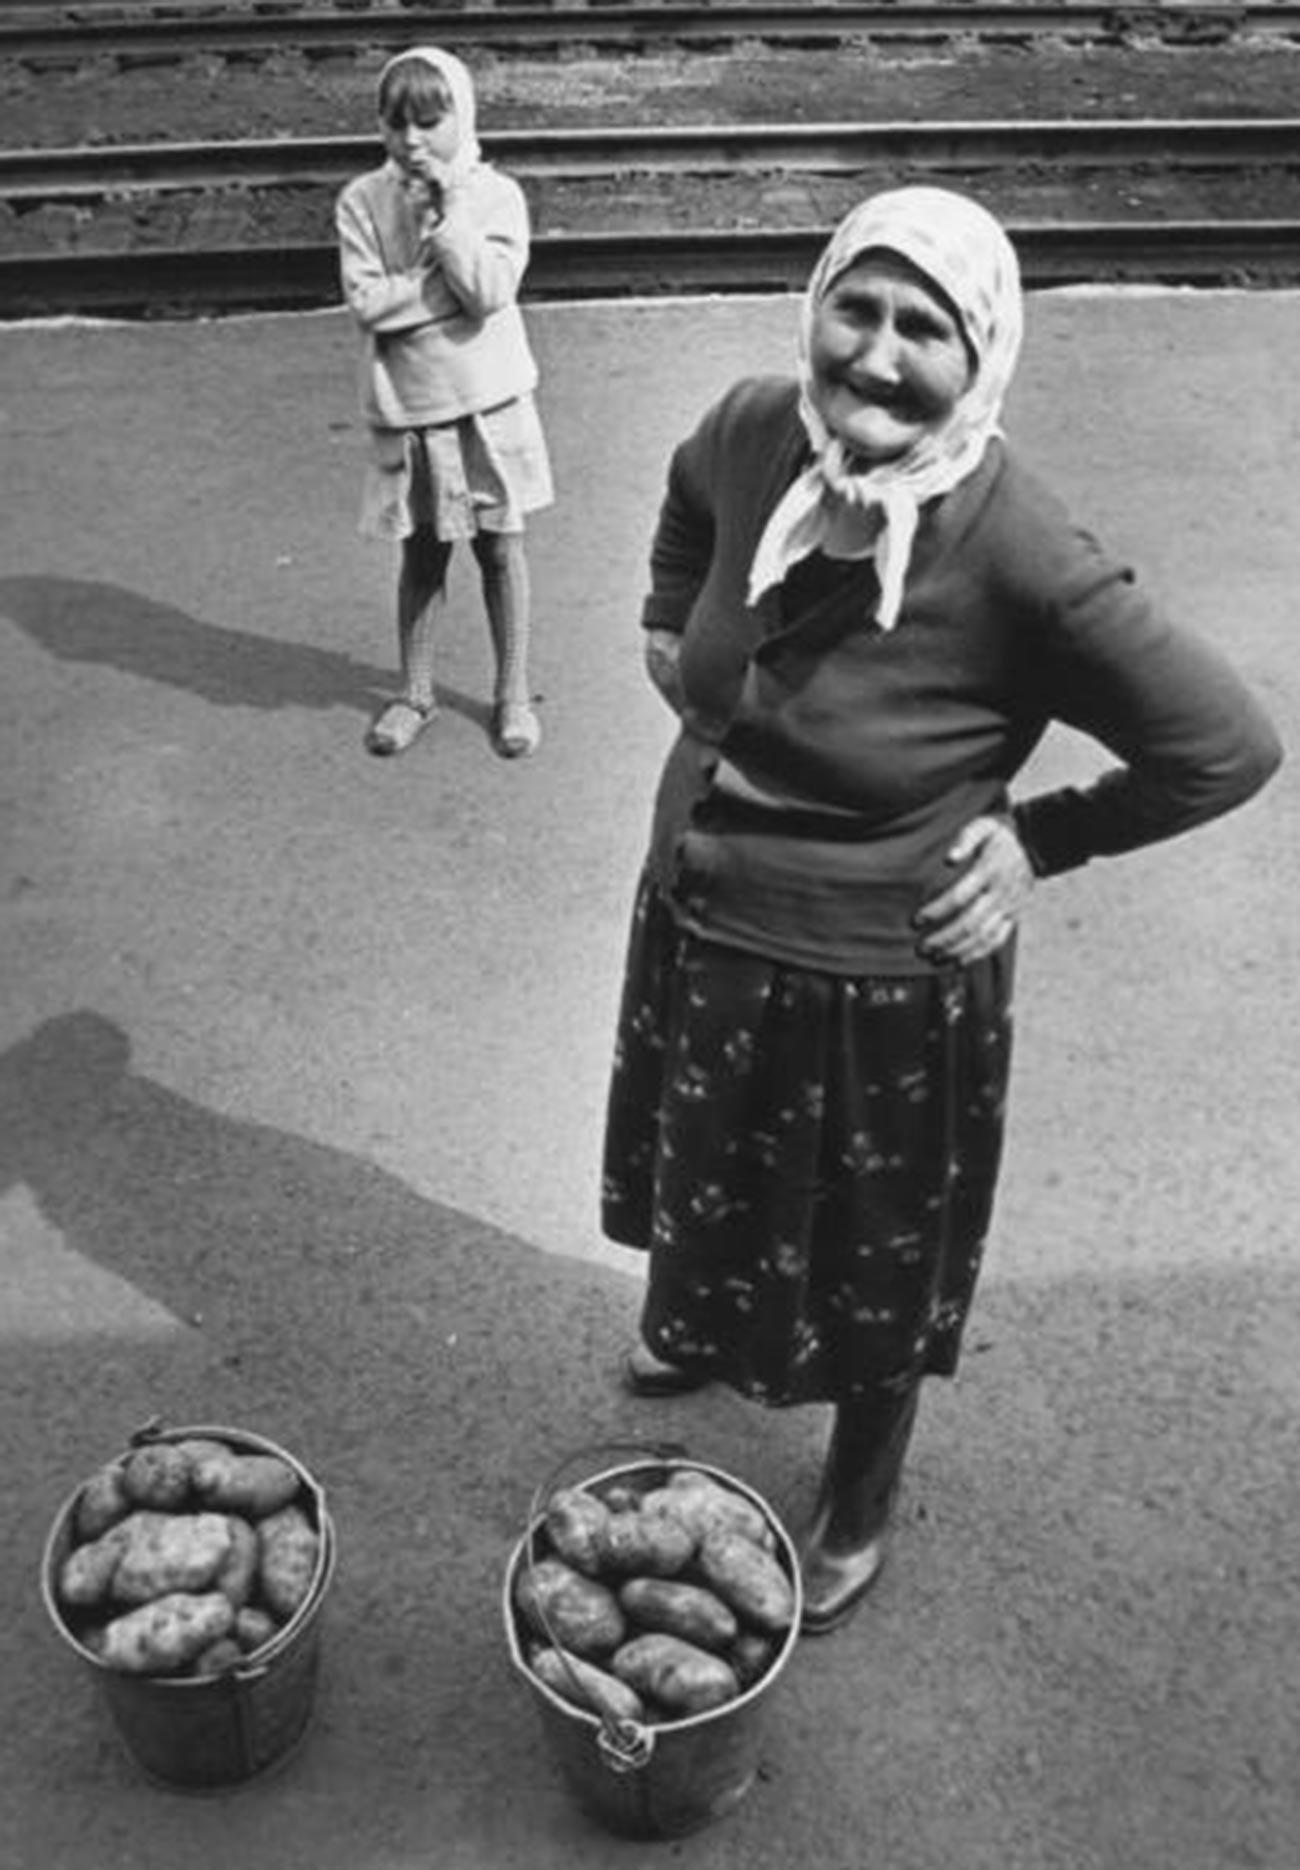 ウラル地方の鉄道駅でじゃがいもを売る老女。1974年